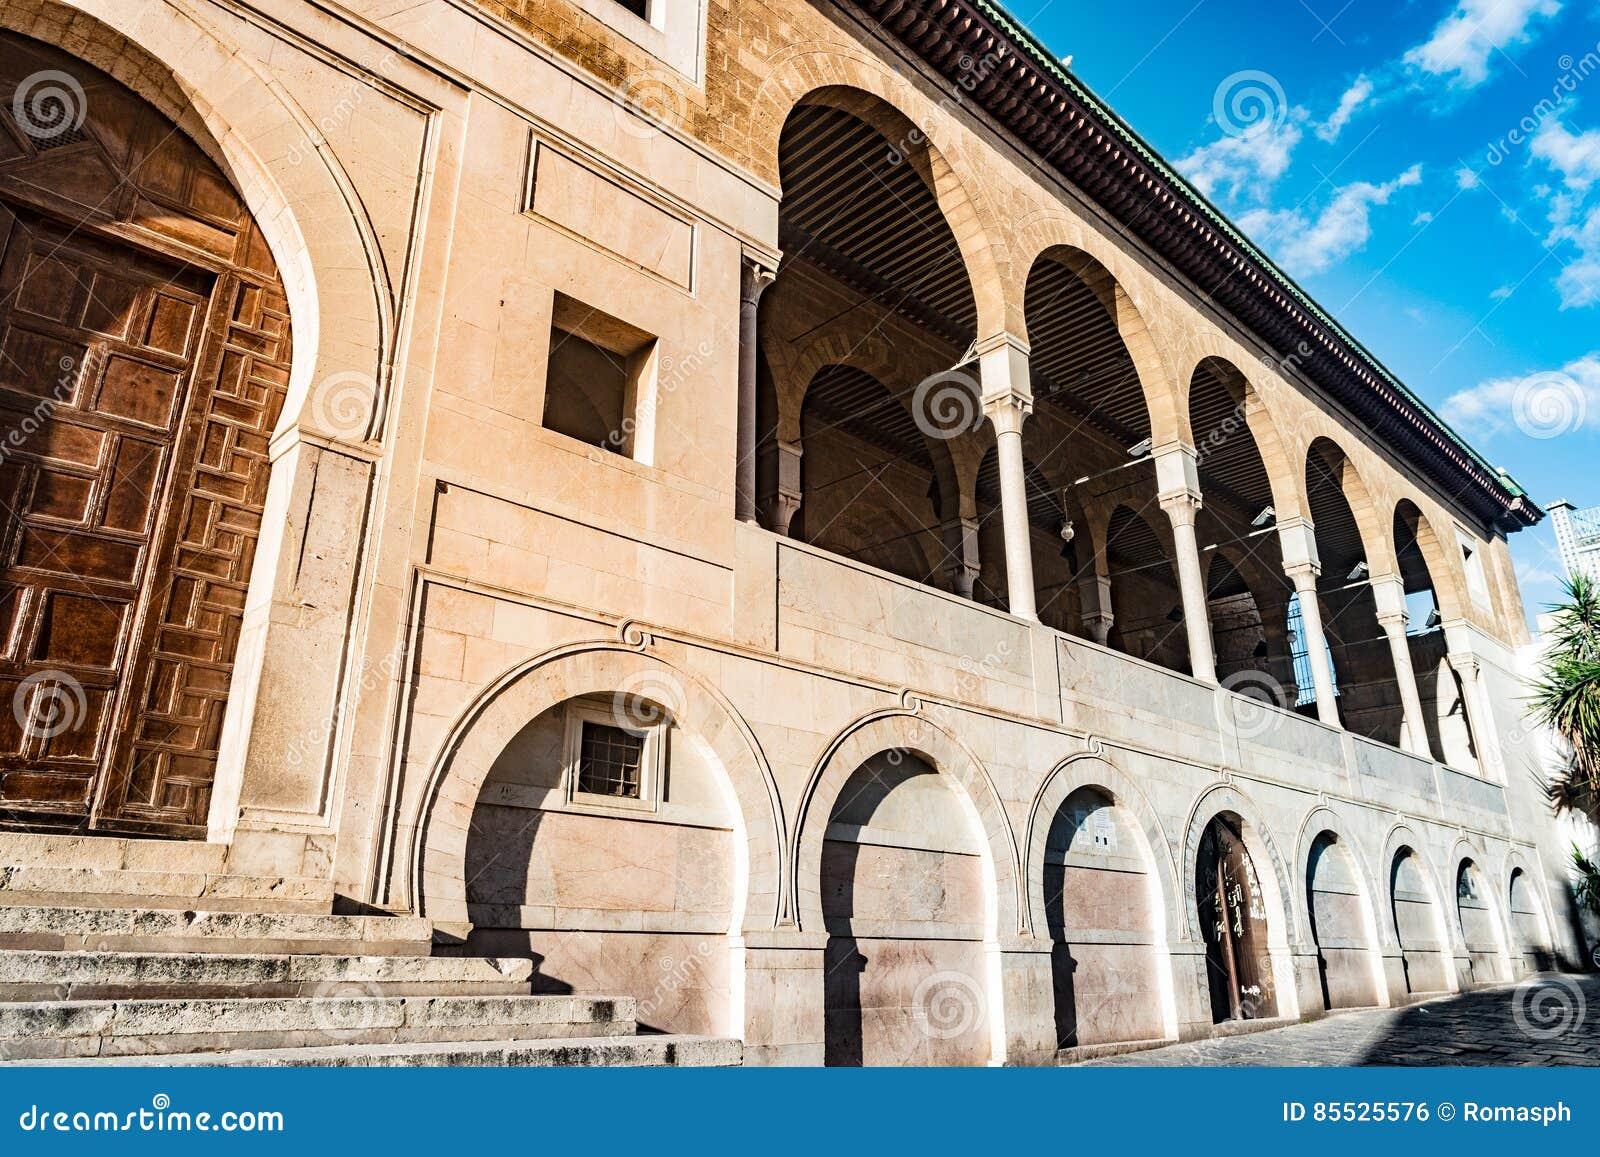 Al Zaytuna Mosque In Tunis Tunisia Stock Photo Image Of Architecture Building 85525576